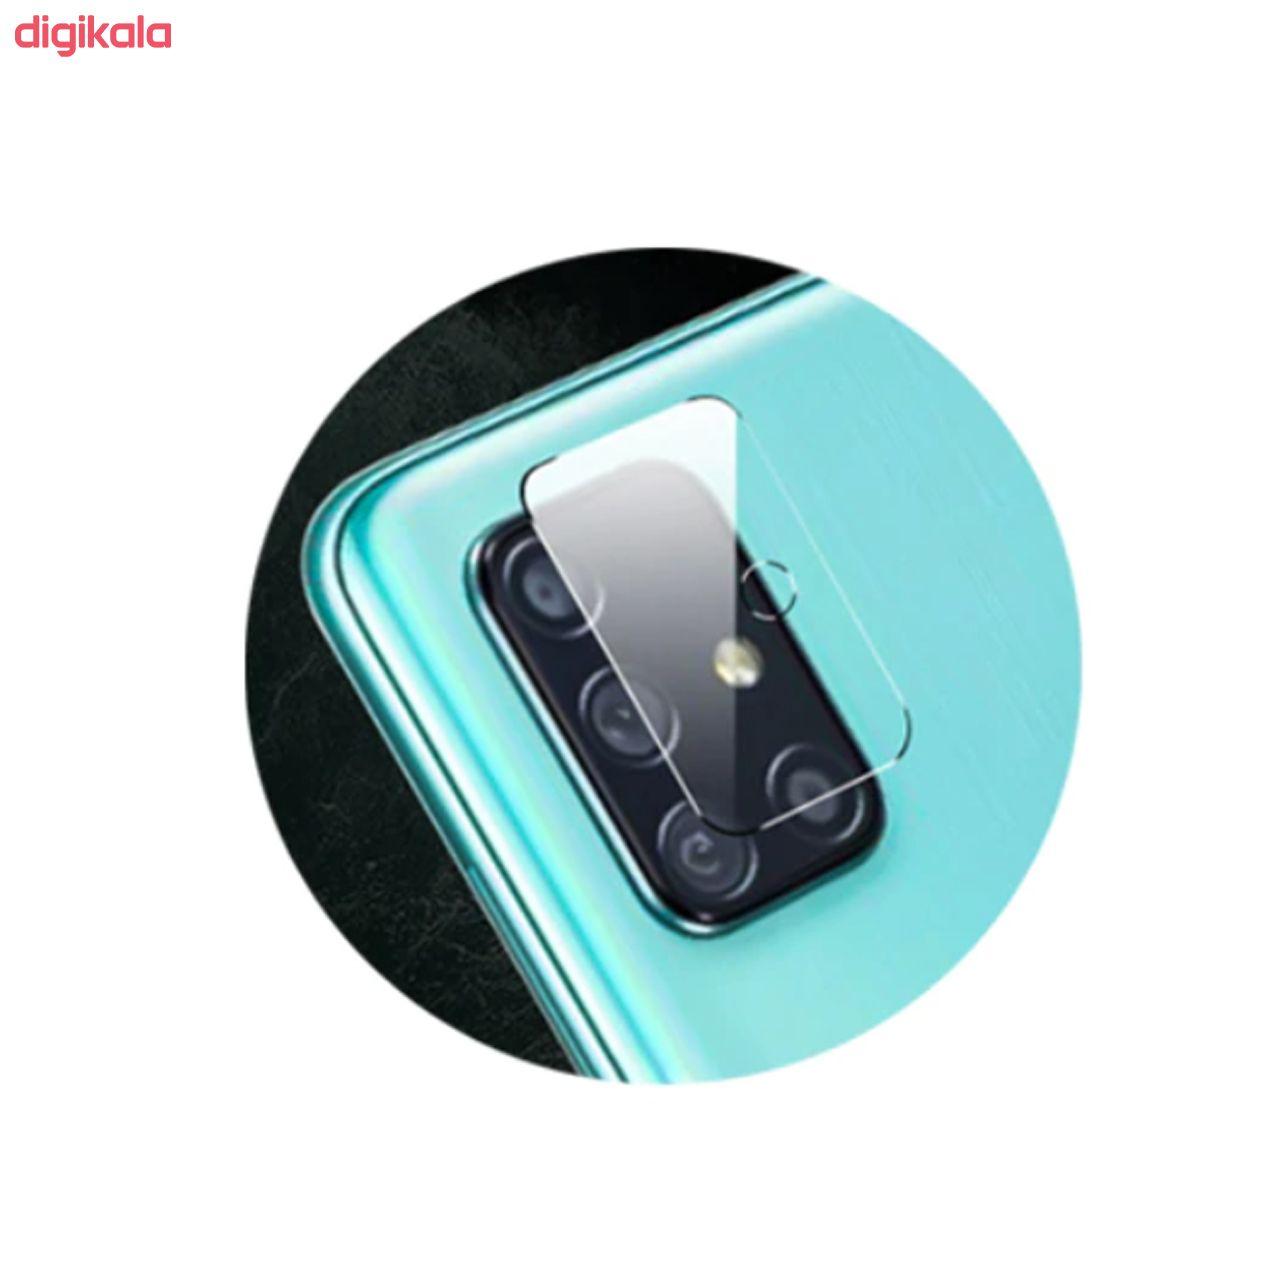 محافظ لنز دوربین سیحان مدل GLP مناسب برای گوشی موبایل سامسونگ Galaxy M51 main 1 1